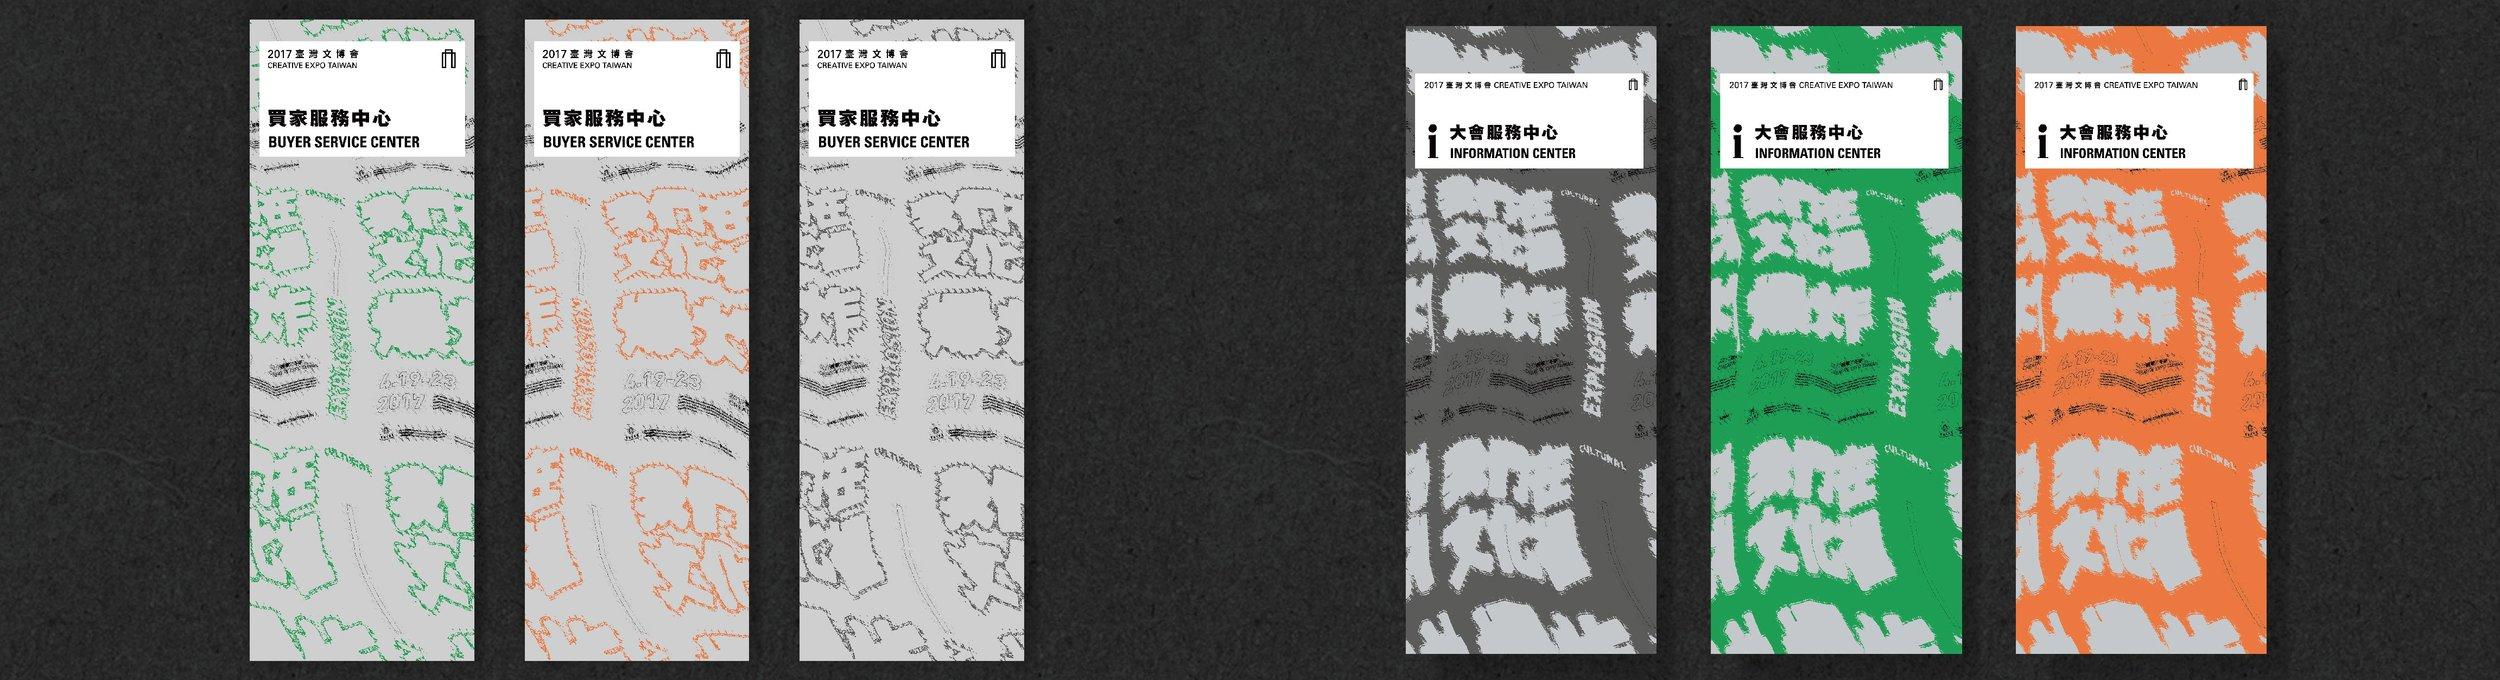 ▎擇定三大場域的各自代表色,統一版面設定,區別彼此調性又不失應有的系列性。 ▎